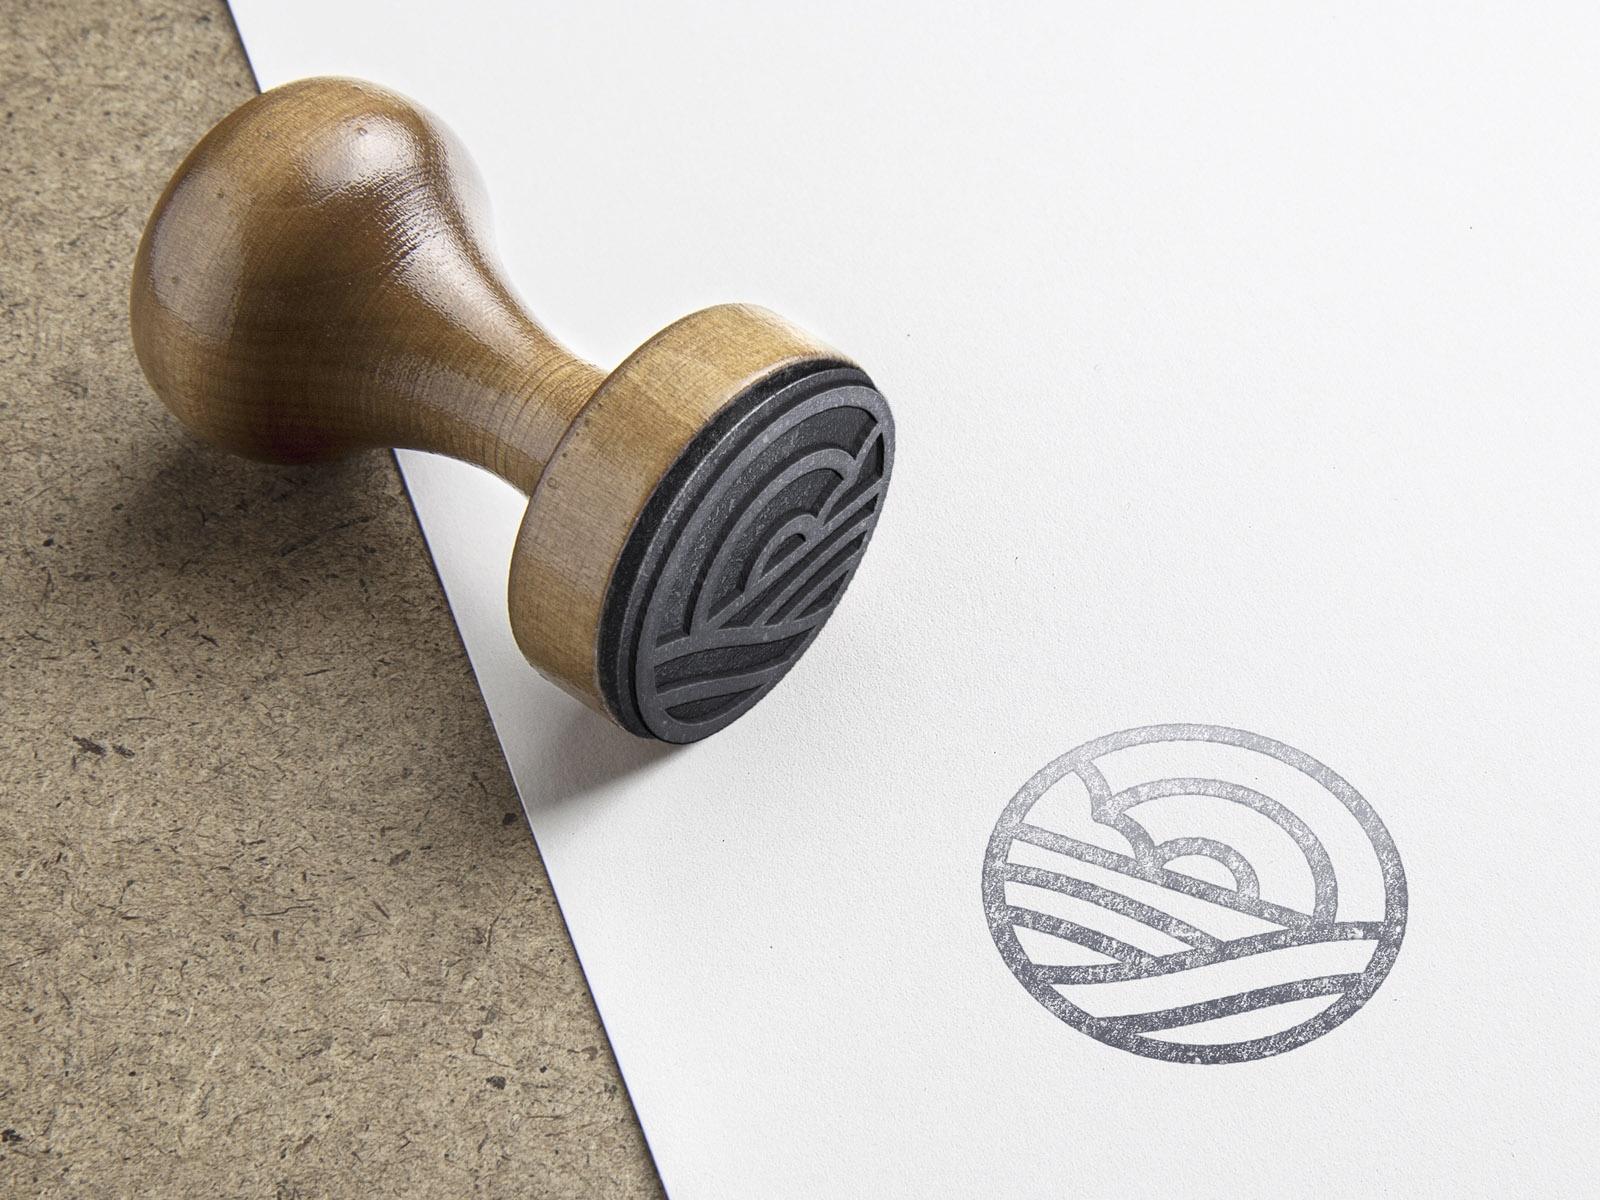 L'Hort d'Aigua-Oliva, Diseño de sello corporativo